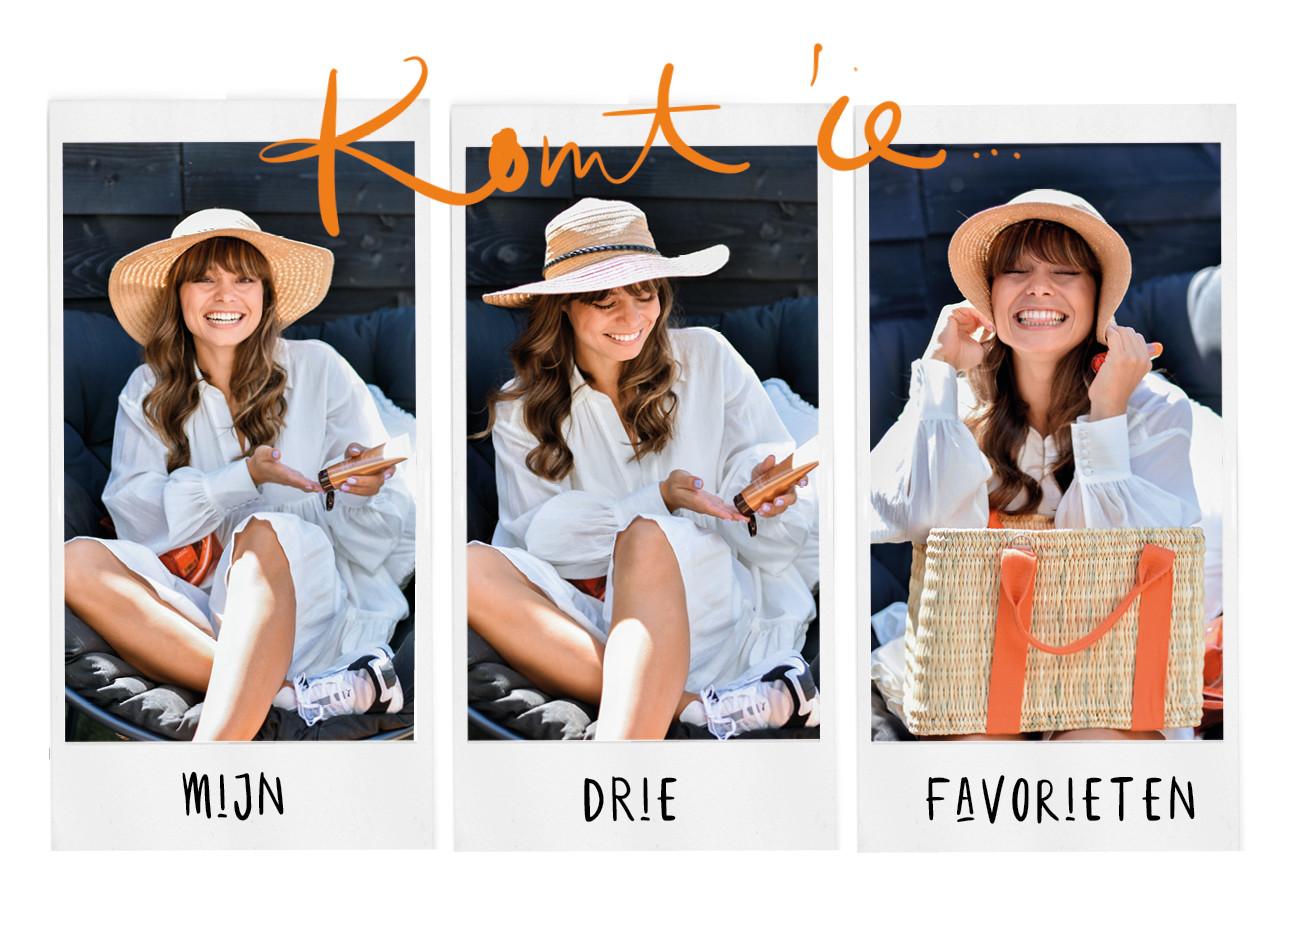 kiki lachend in een witte jurk aan met hoedje en SPF lancaster producten